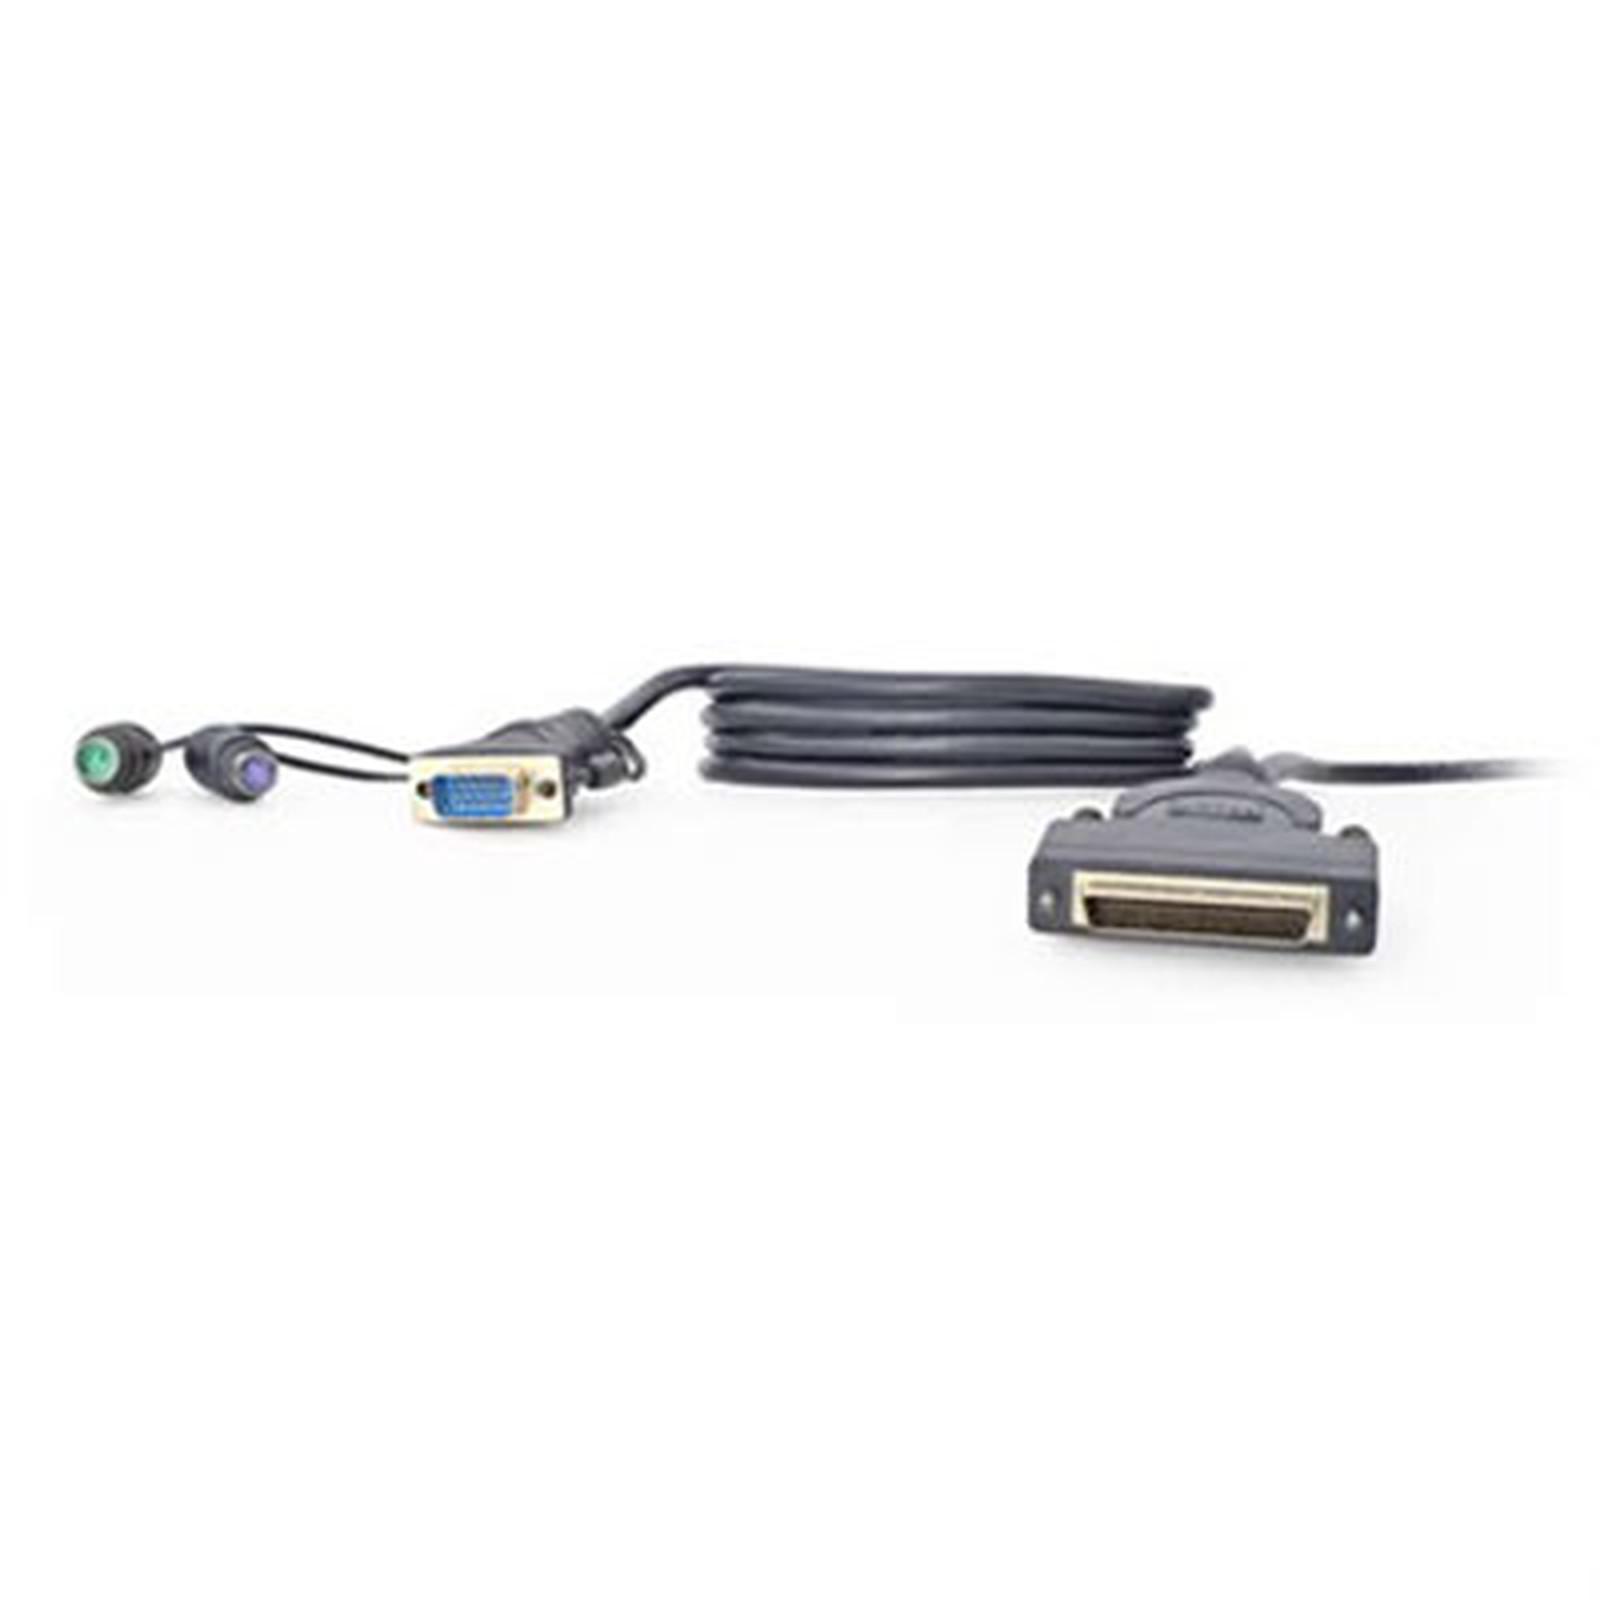 Belkin OmniView F1D9400-15